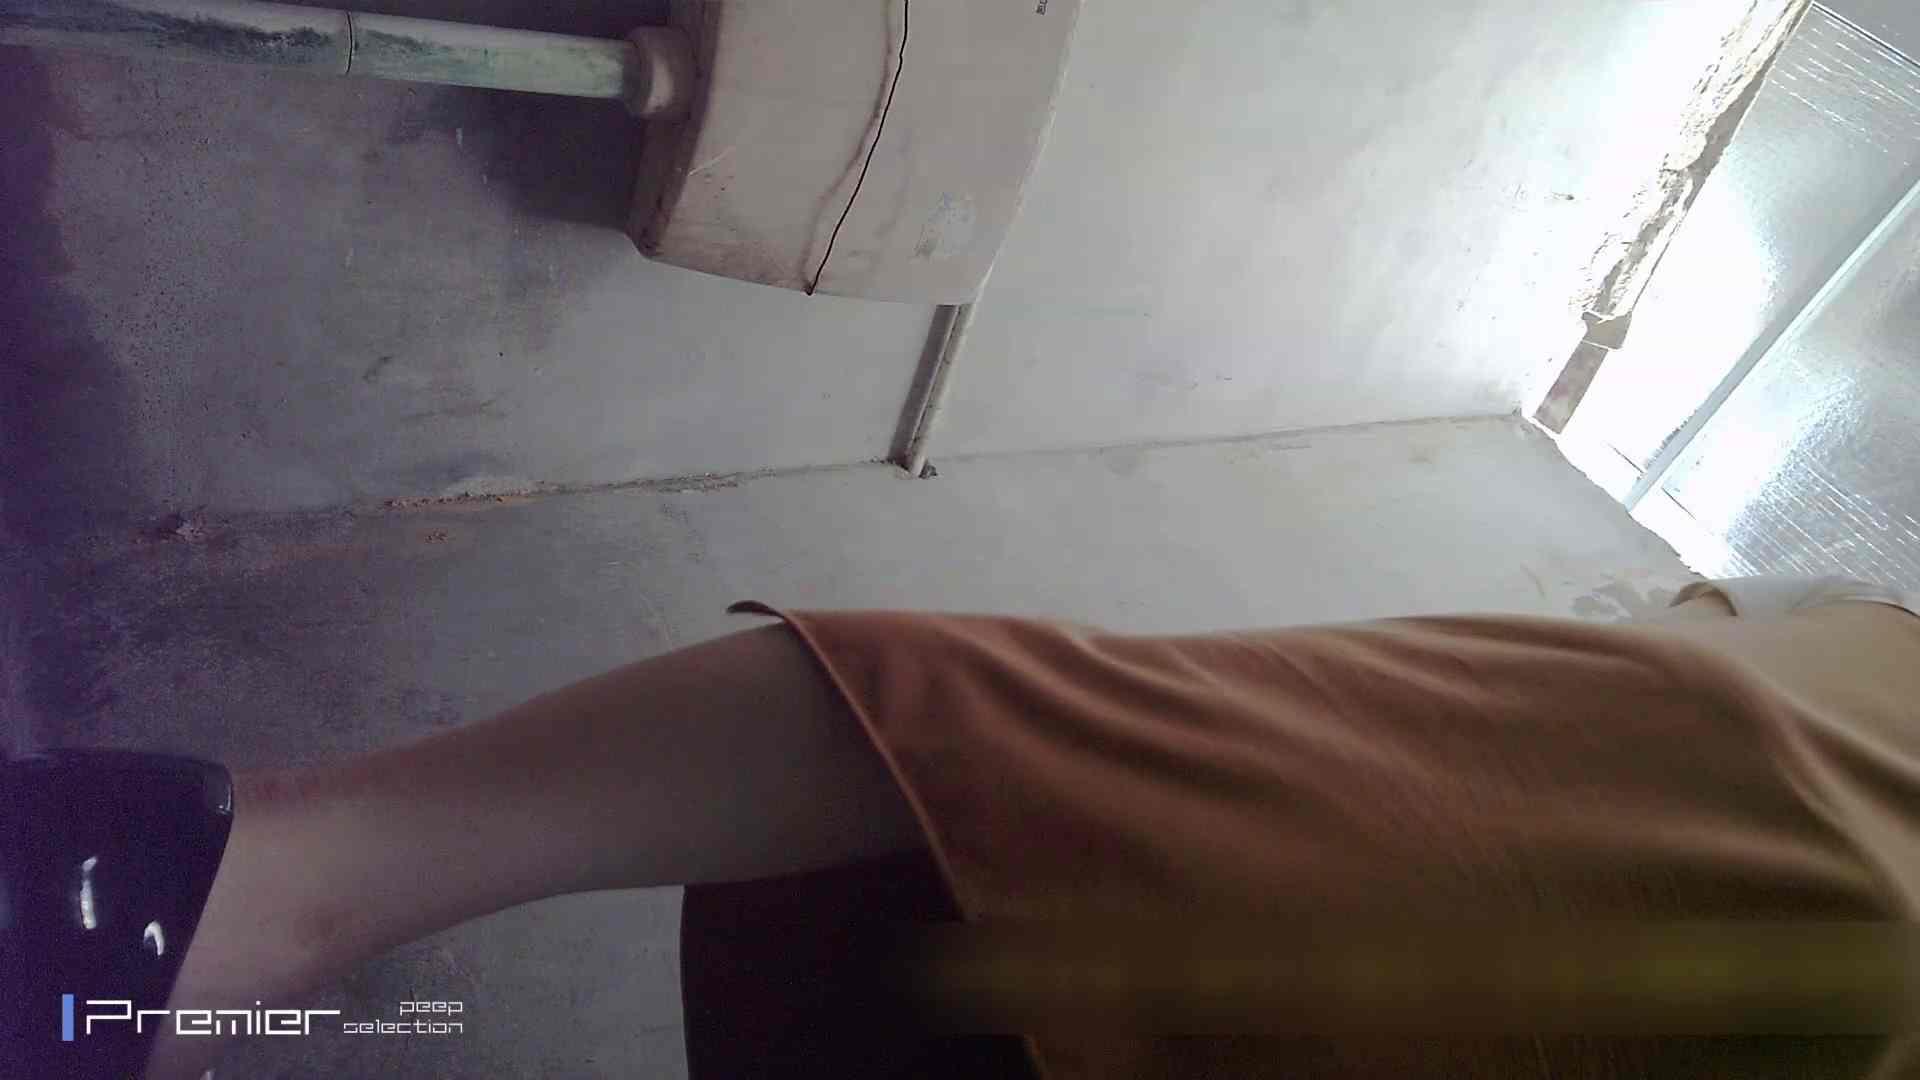 トイレシーンを密着盗撮!! 美女の痴態に密着!Vol.22 トイレ中の女子達 おめこ無修正画像 103連発 39